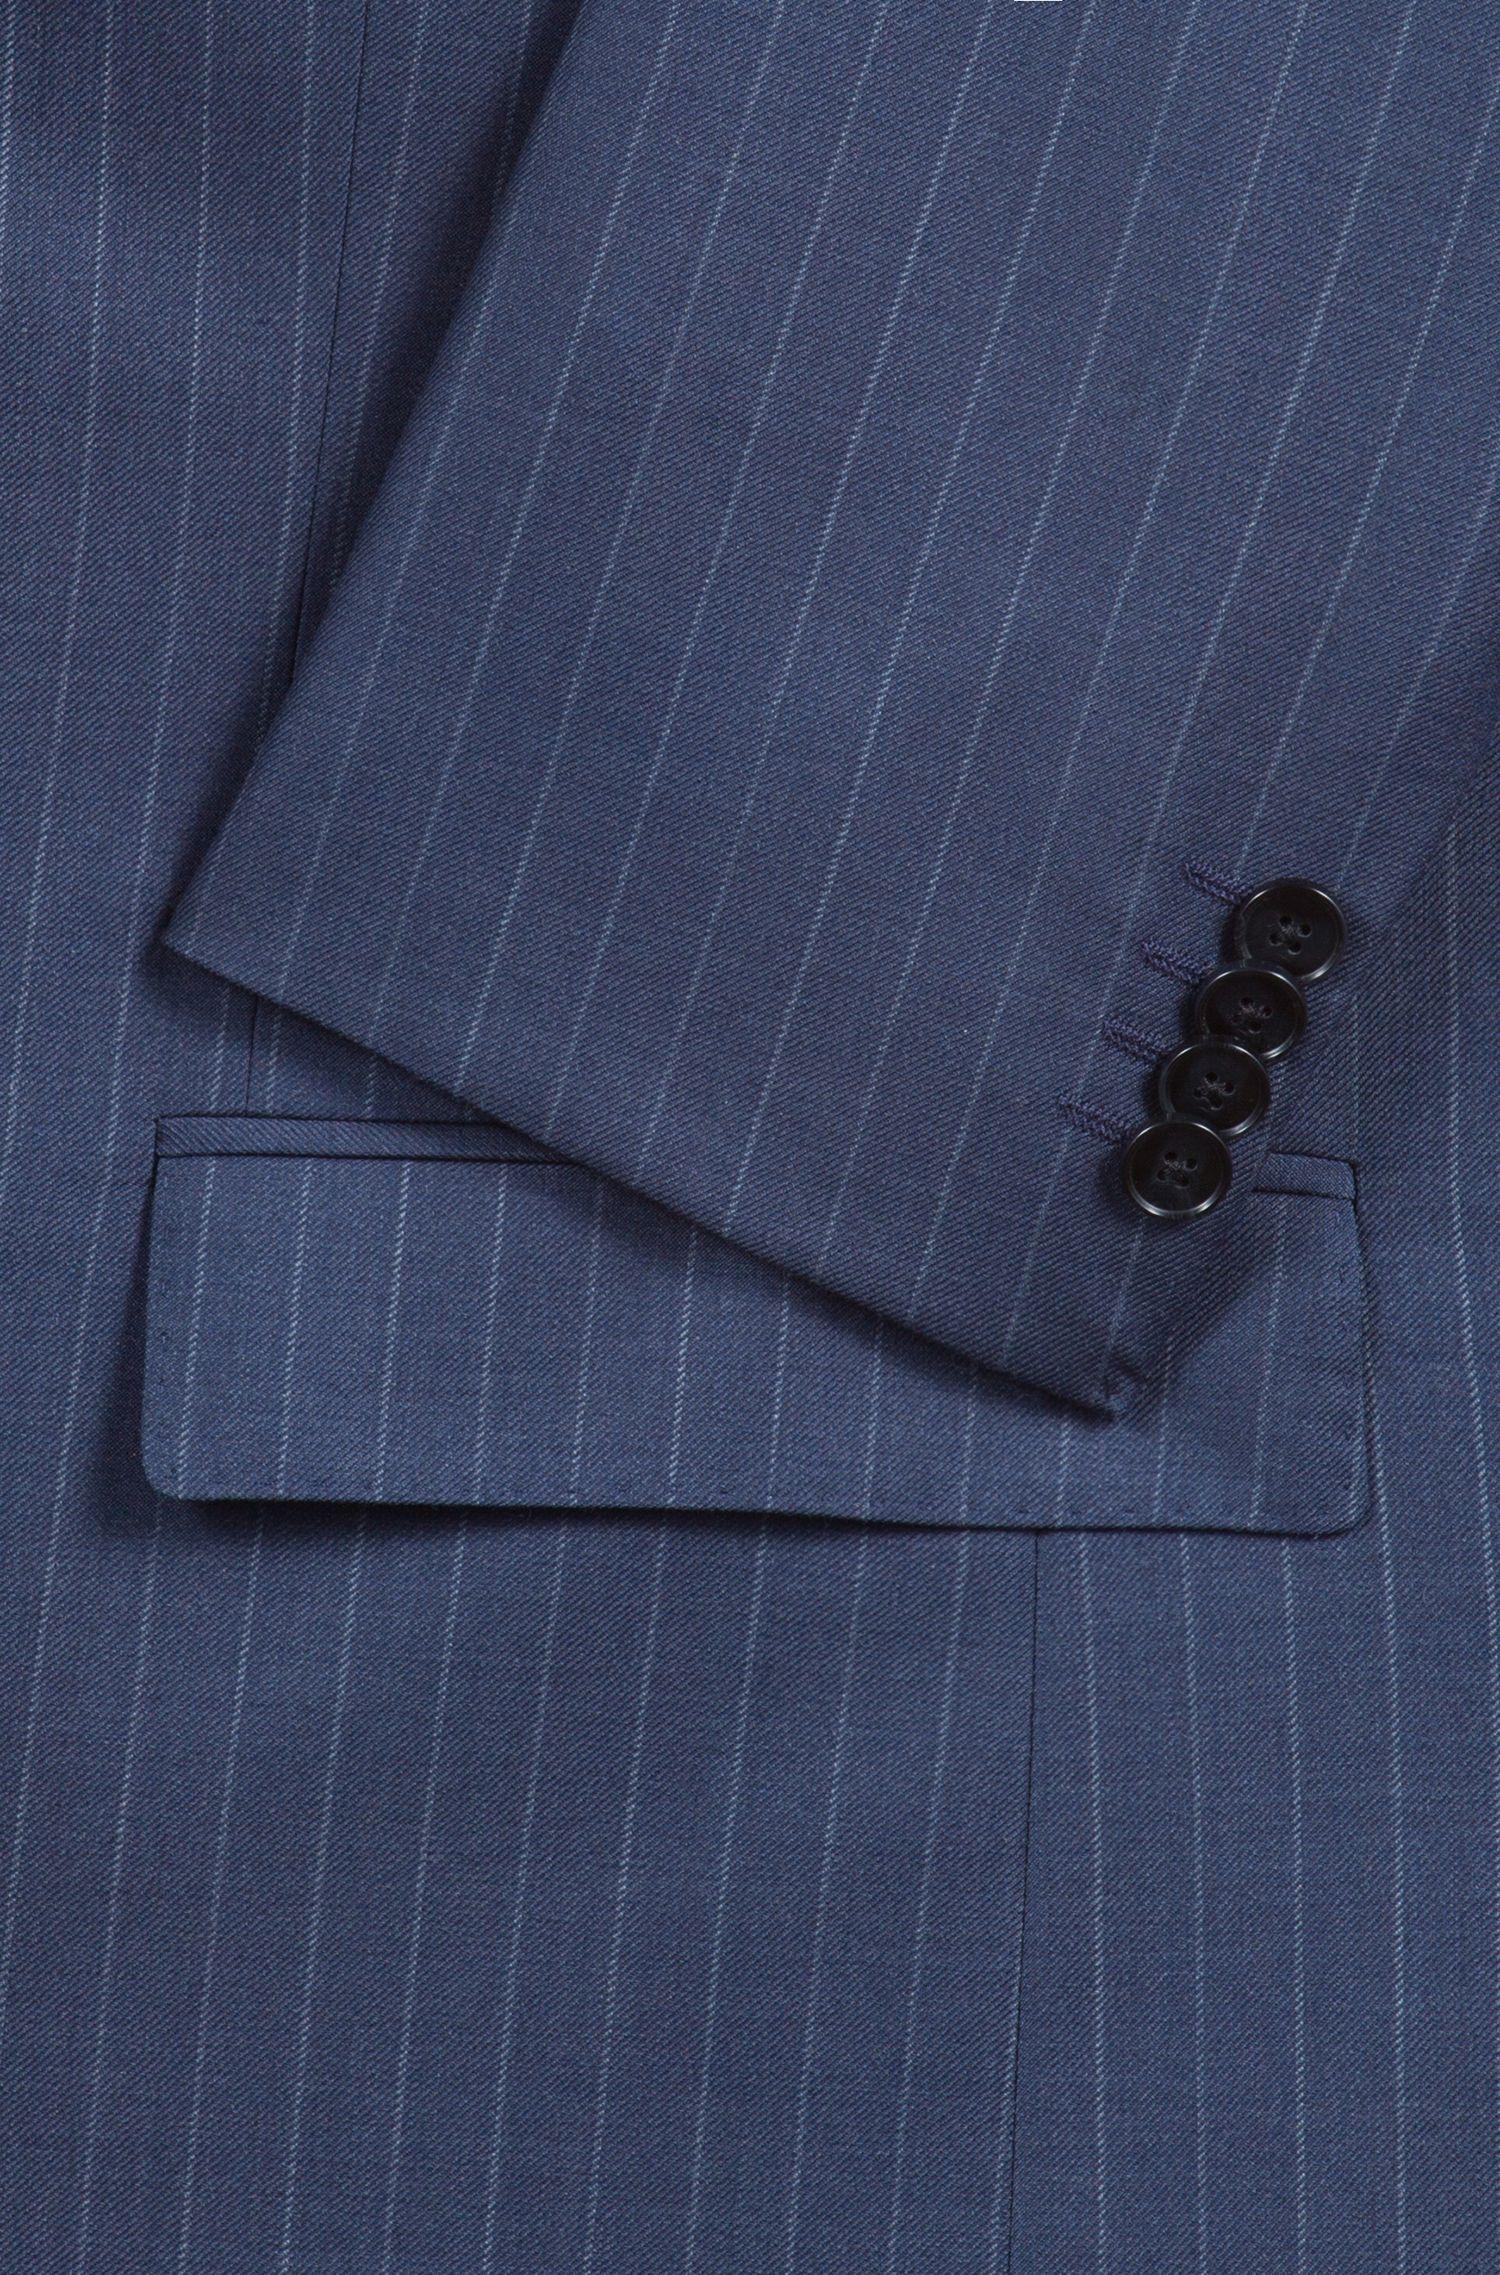 Traje regular fit en lana virgen a rayas